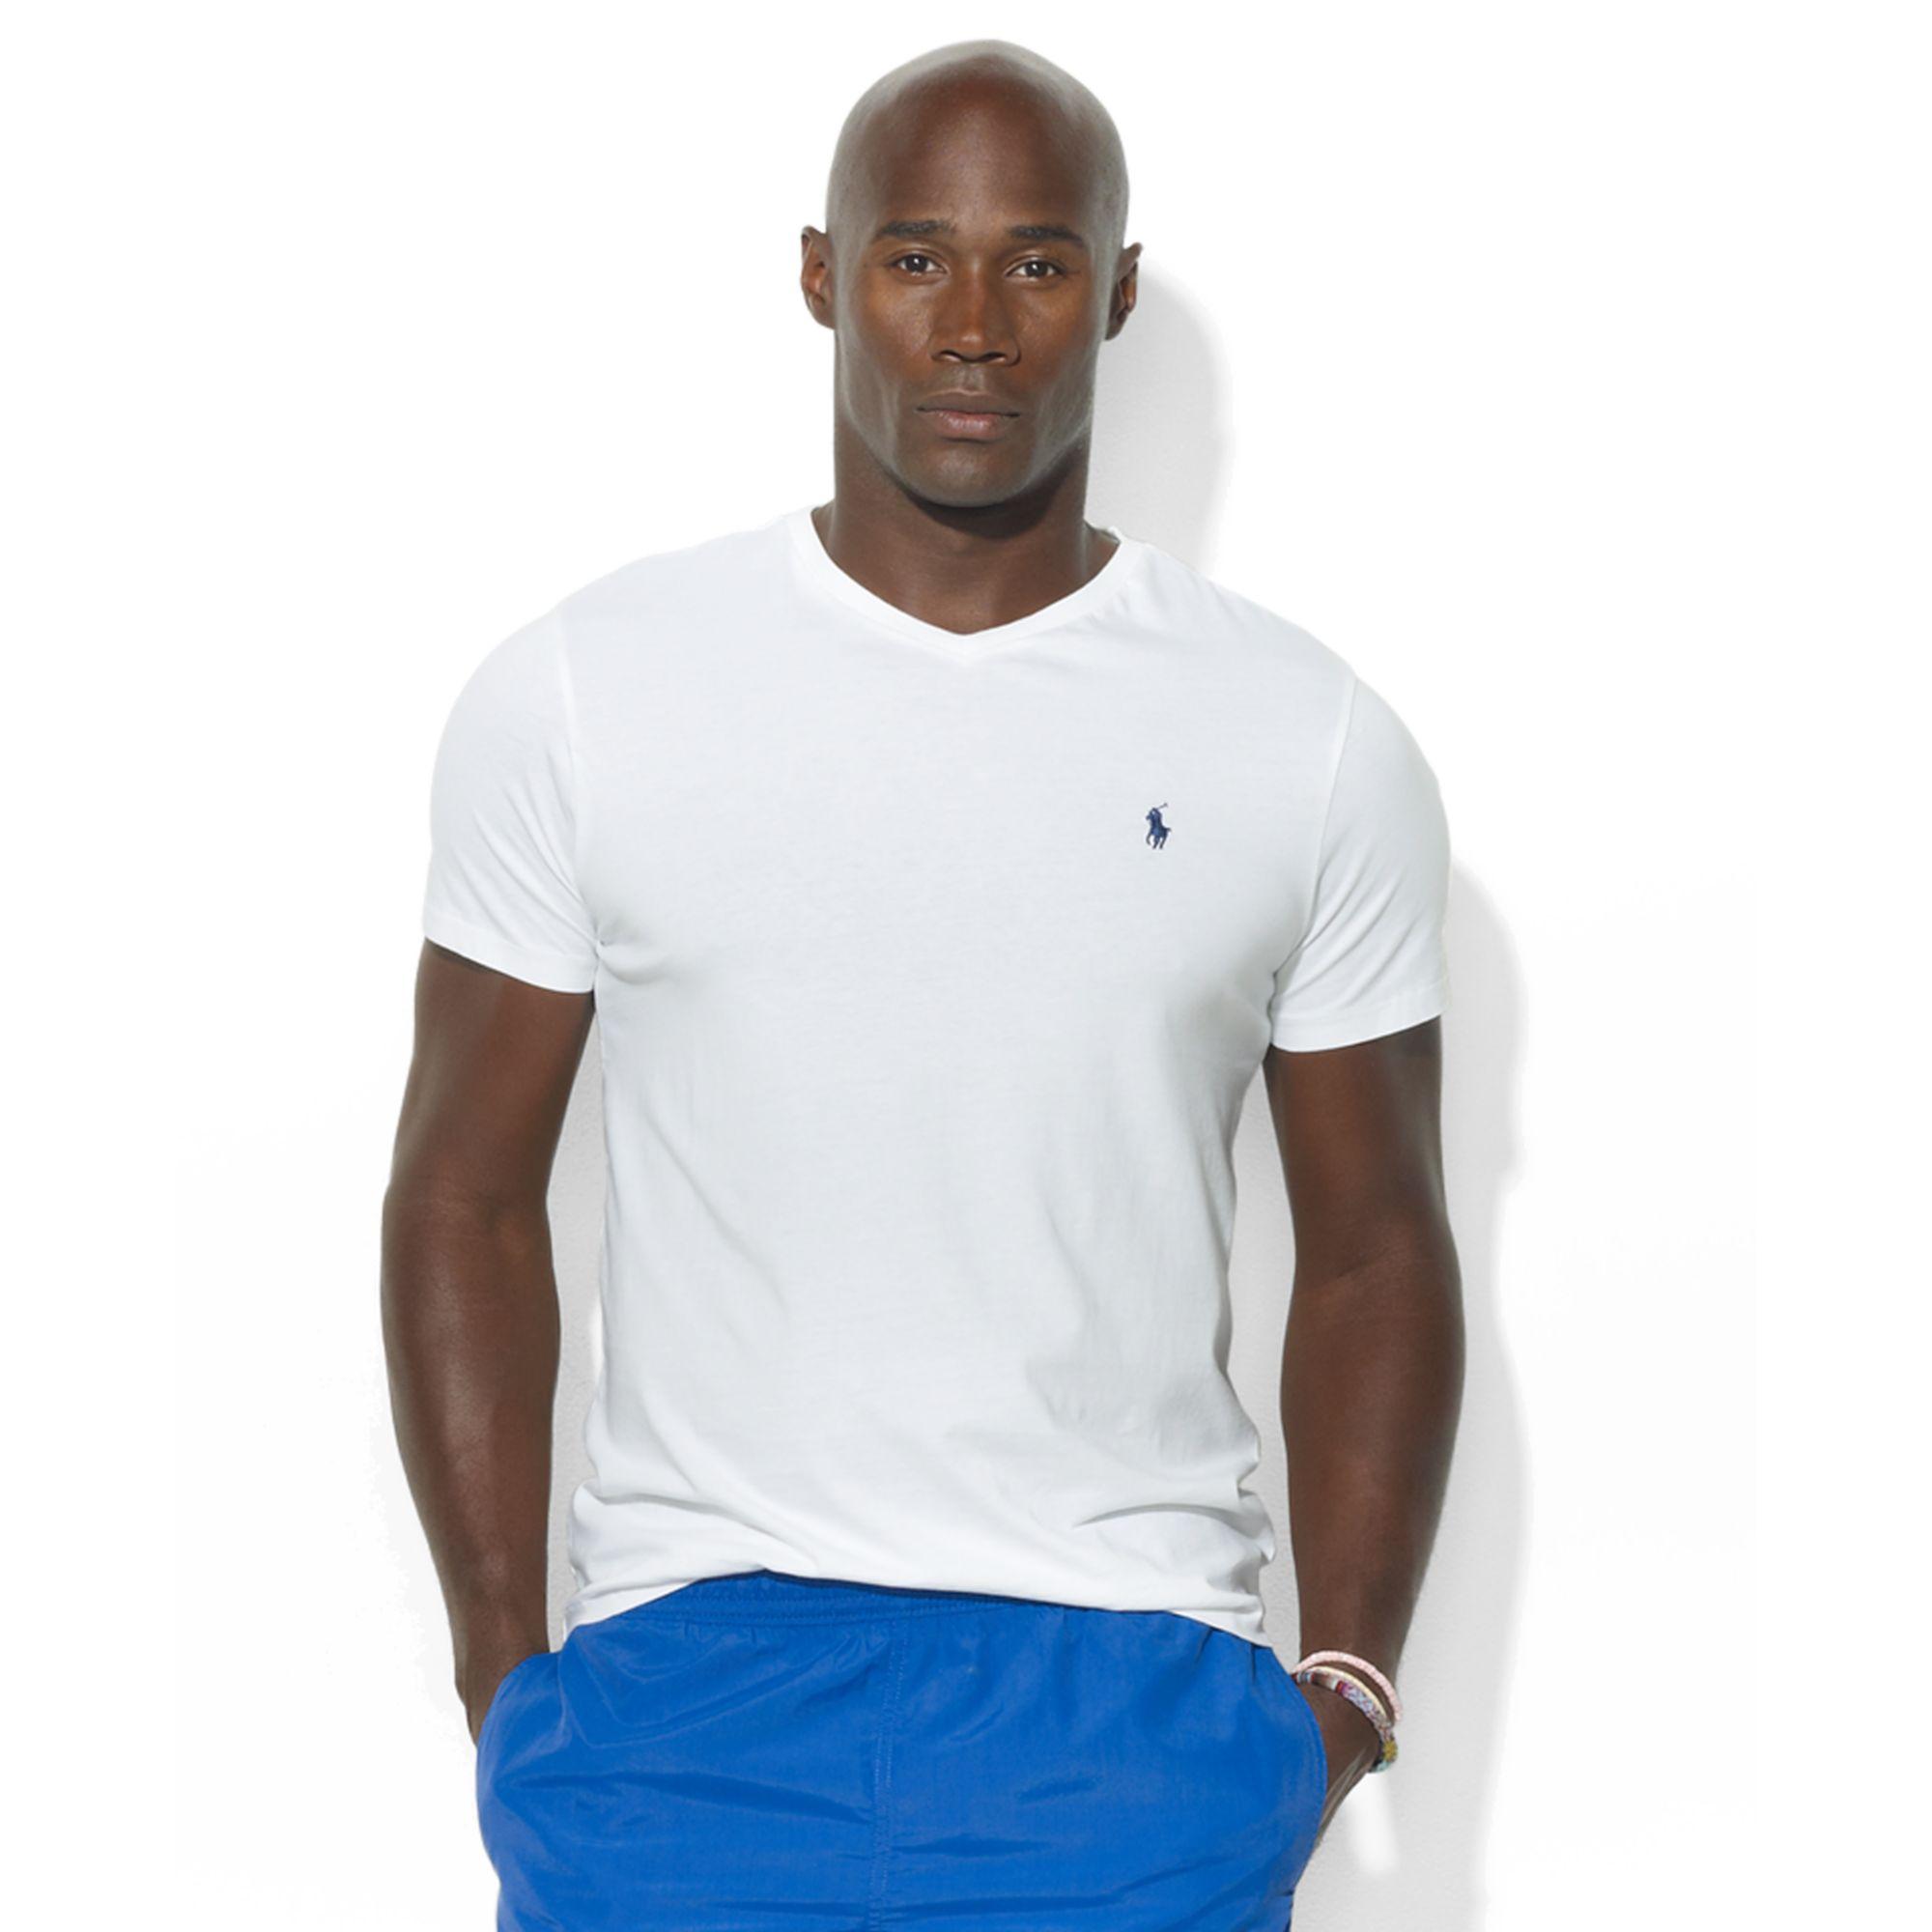 Polo ralph lauren big and tall t shirt medium fit v neck for Big and tall polo t shirts